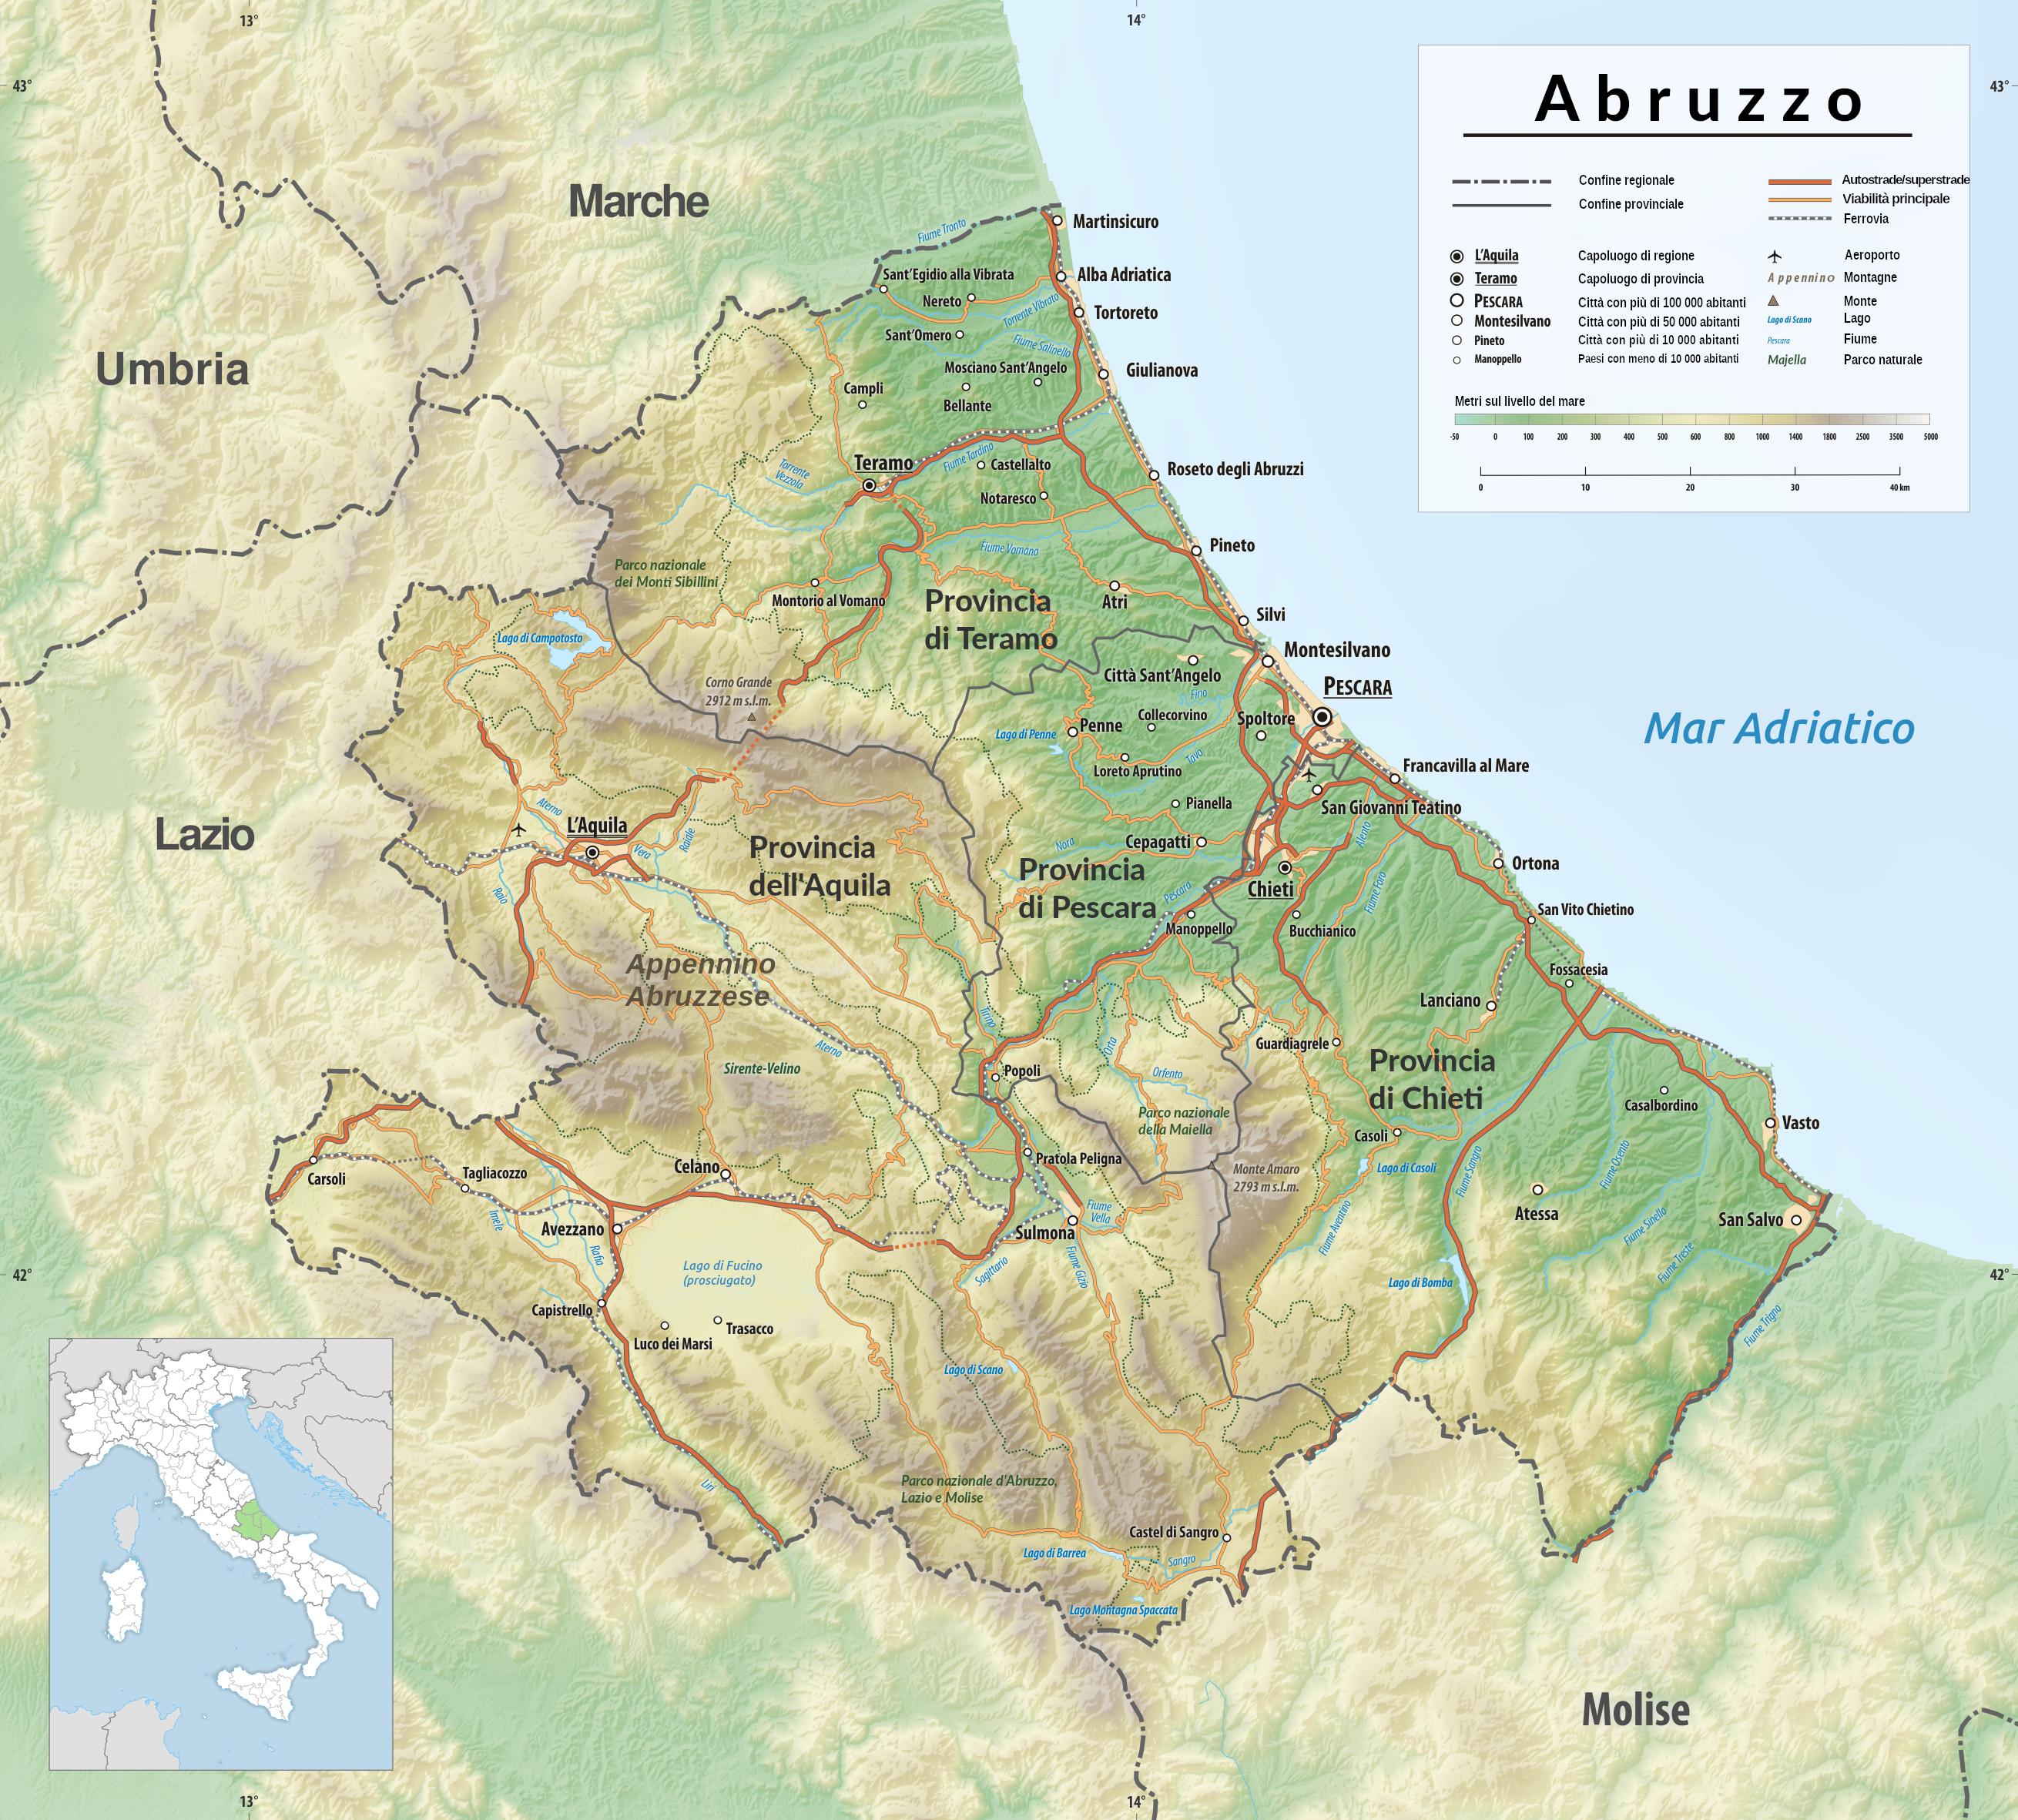 Cartina Geografica Roccaraso.Geografia Dell Abruzzo Wikipedia